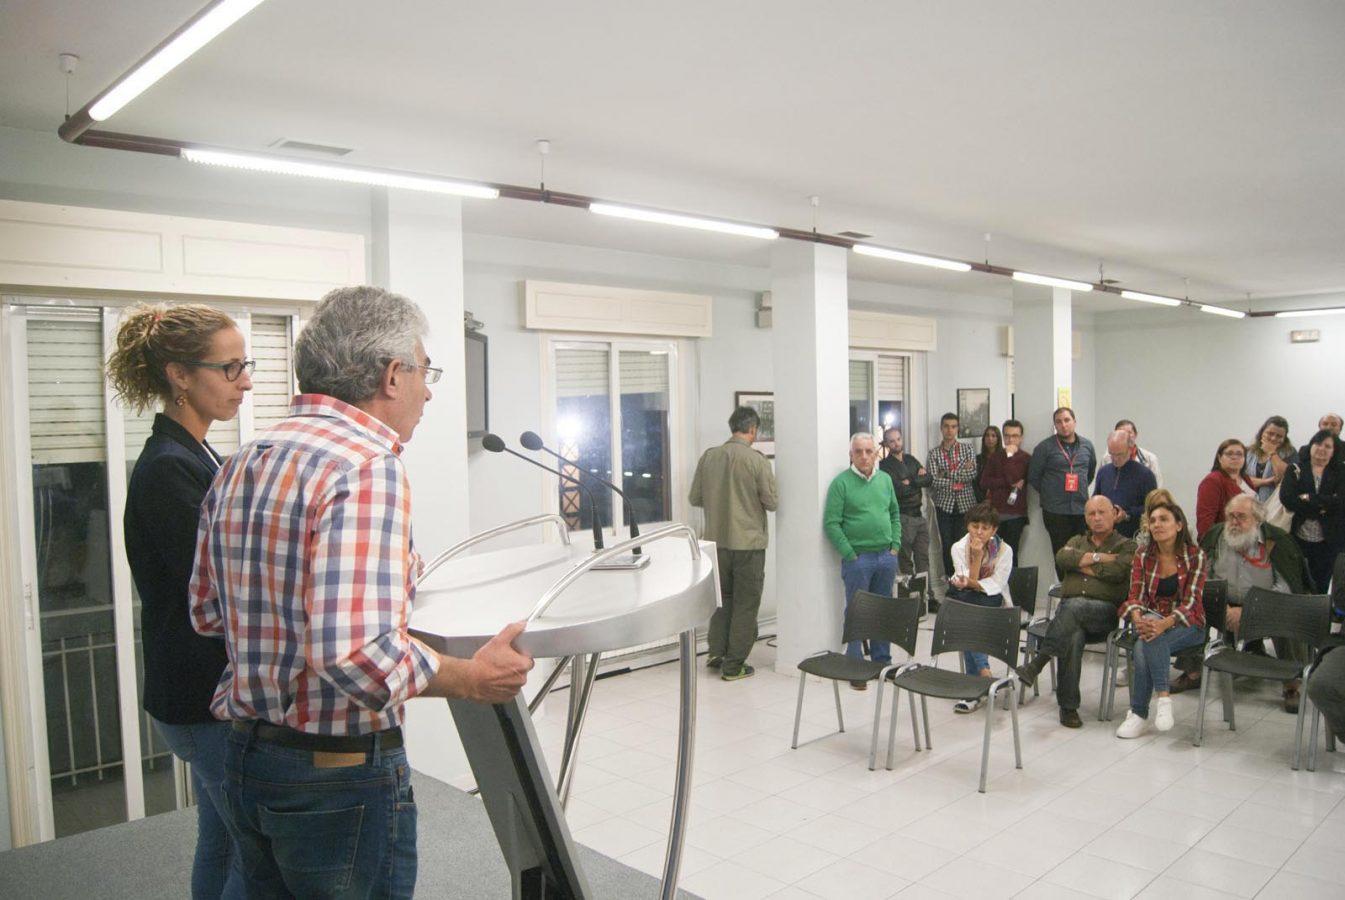 Un momento da valoración dos resultados electorais do PSOE ourensán./ Foto: Sara Fontenla.